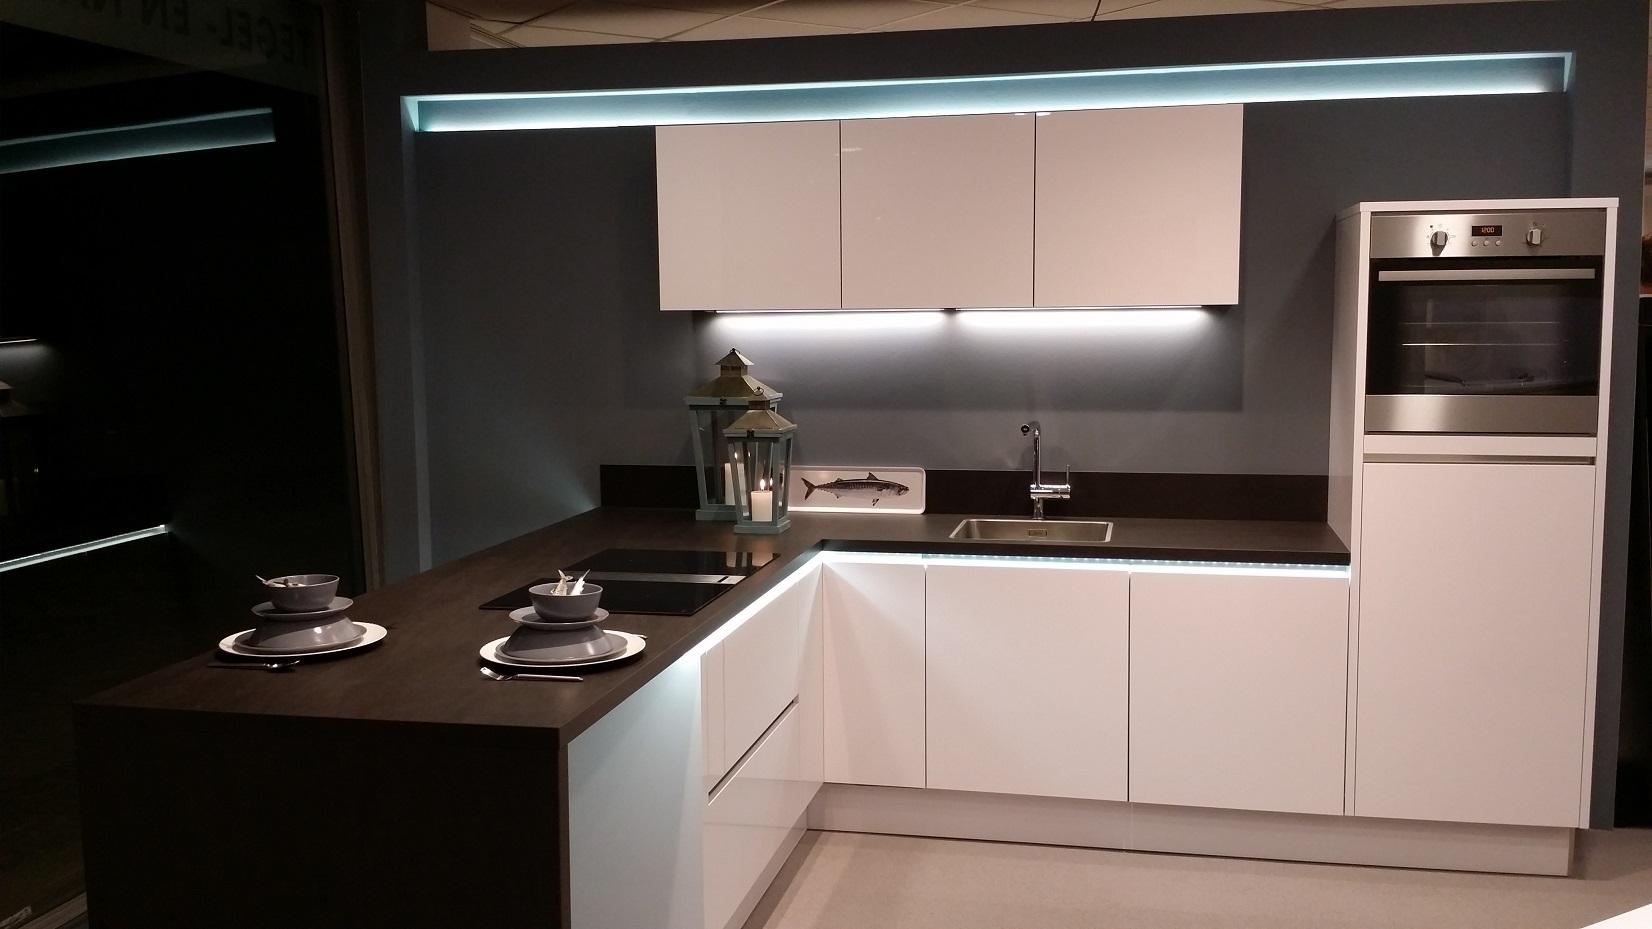 Led Armatuur Keuken : Inbouw led verlichting keuken indirecte verlichting kan overal